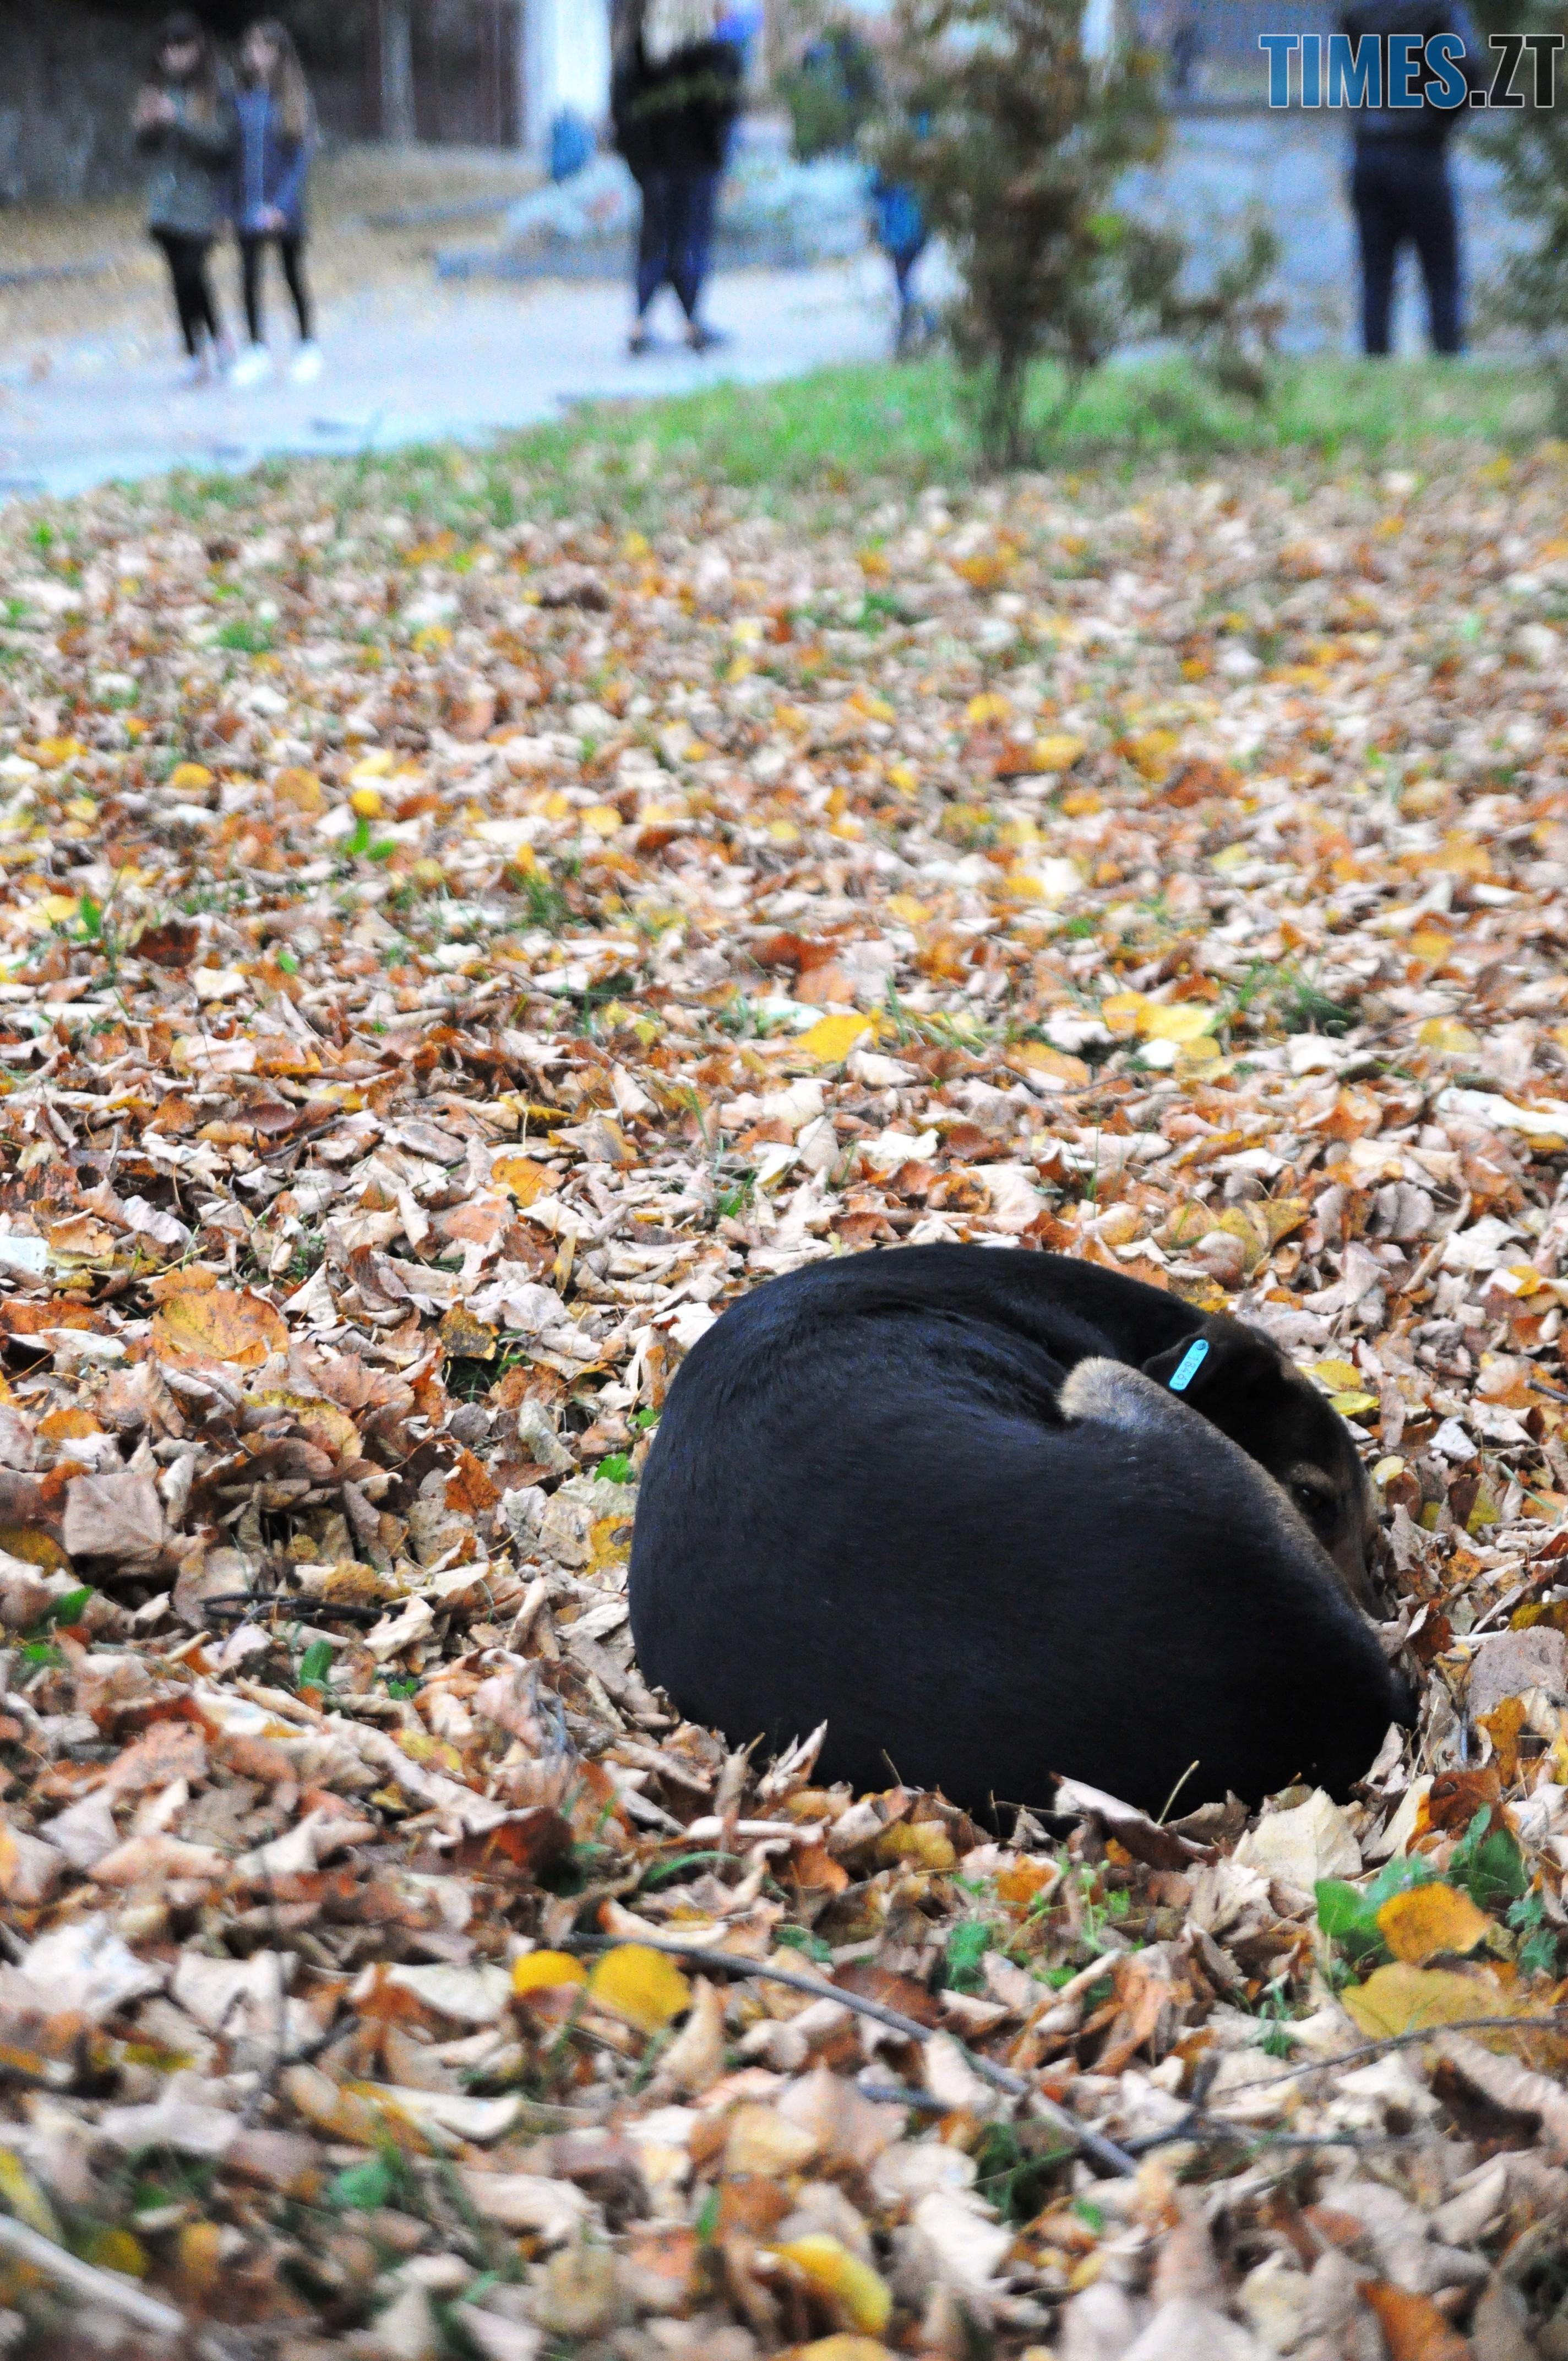 14 1 - Житомир як на долоні: форма, колір, запах цієї осені